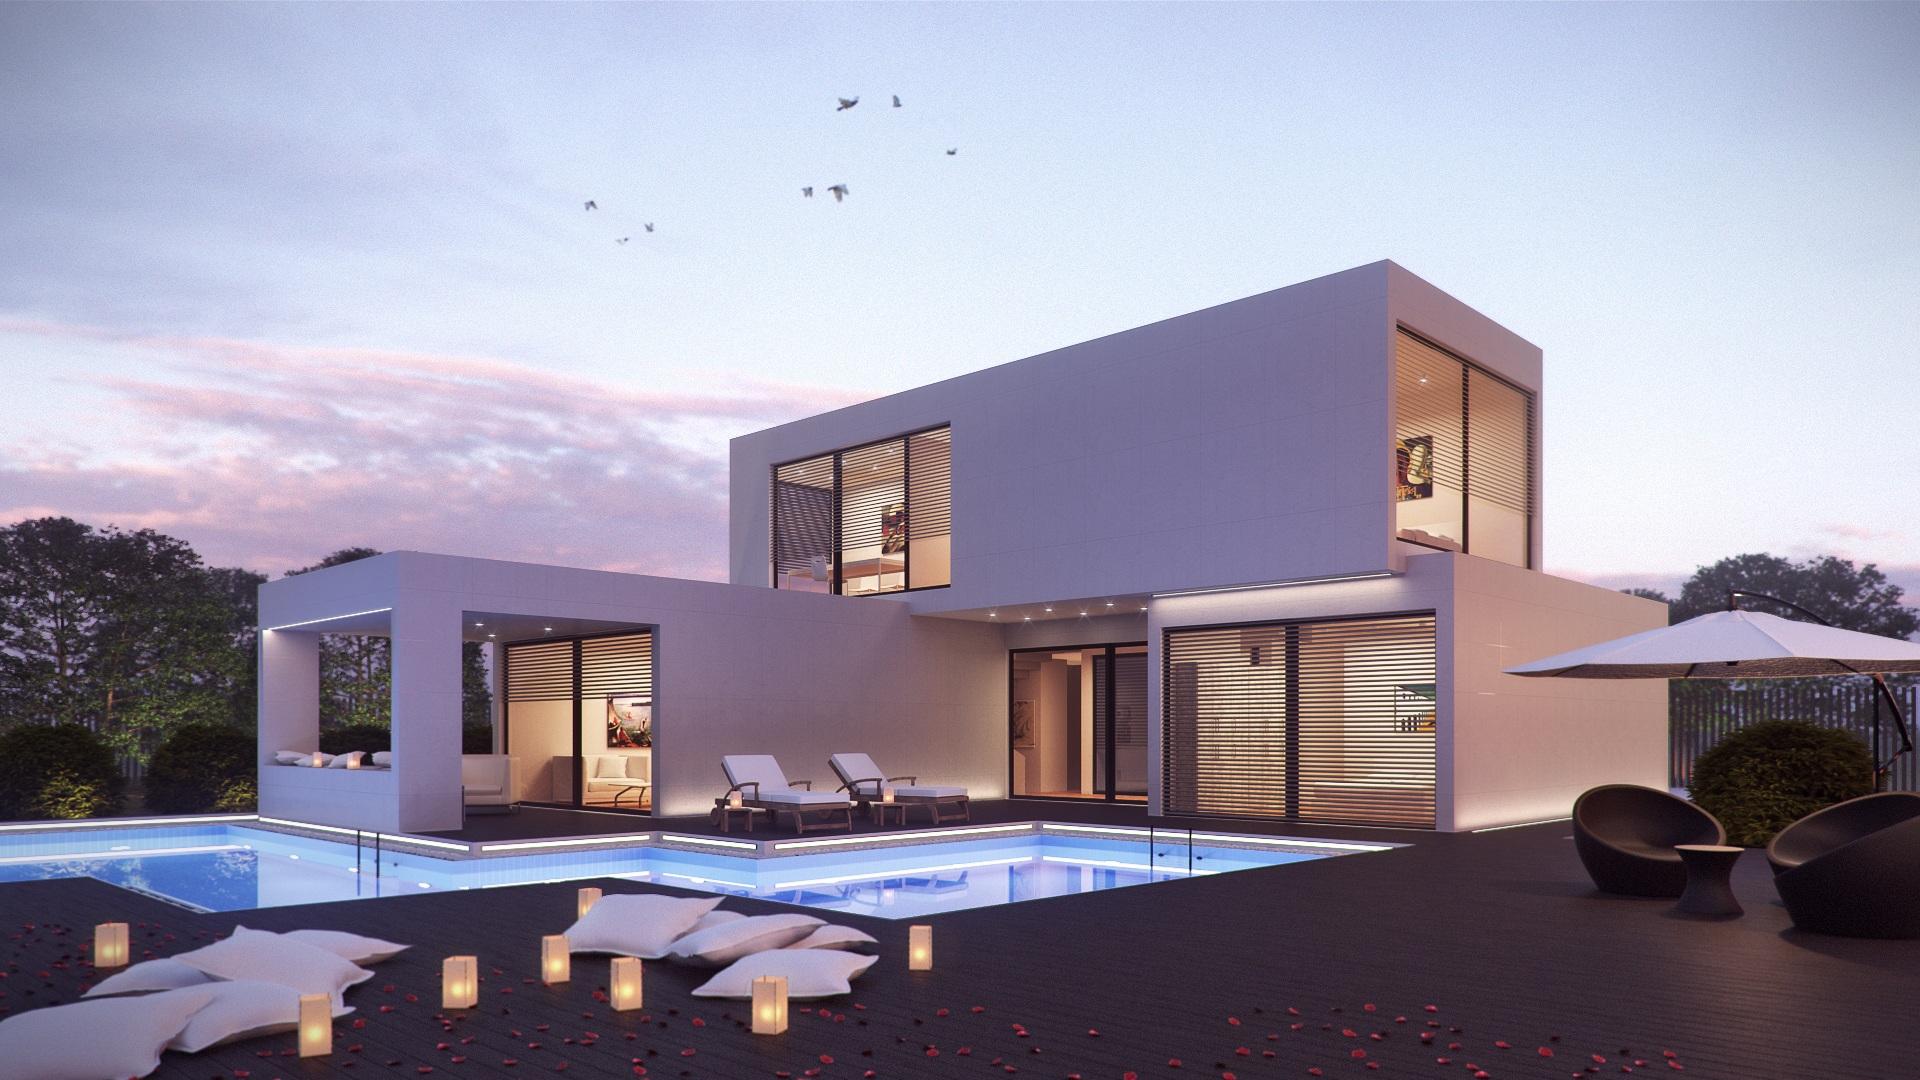 Fotos gratis : arquitectura, villa, edificio, piscina, Italia ...